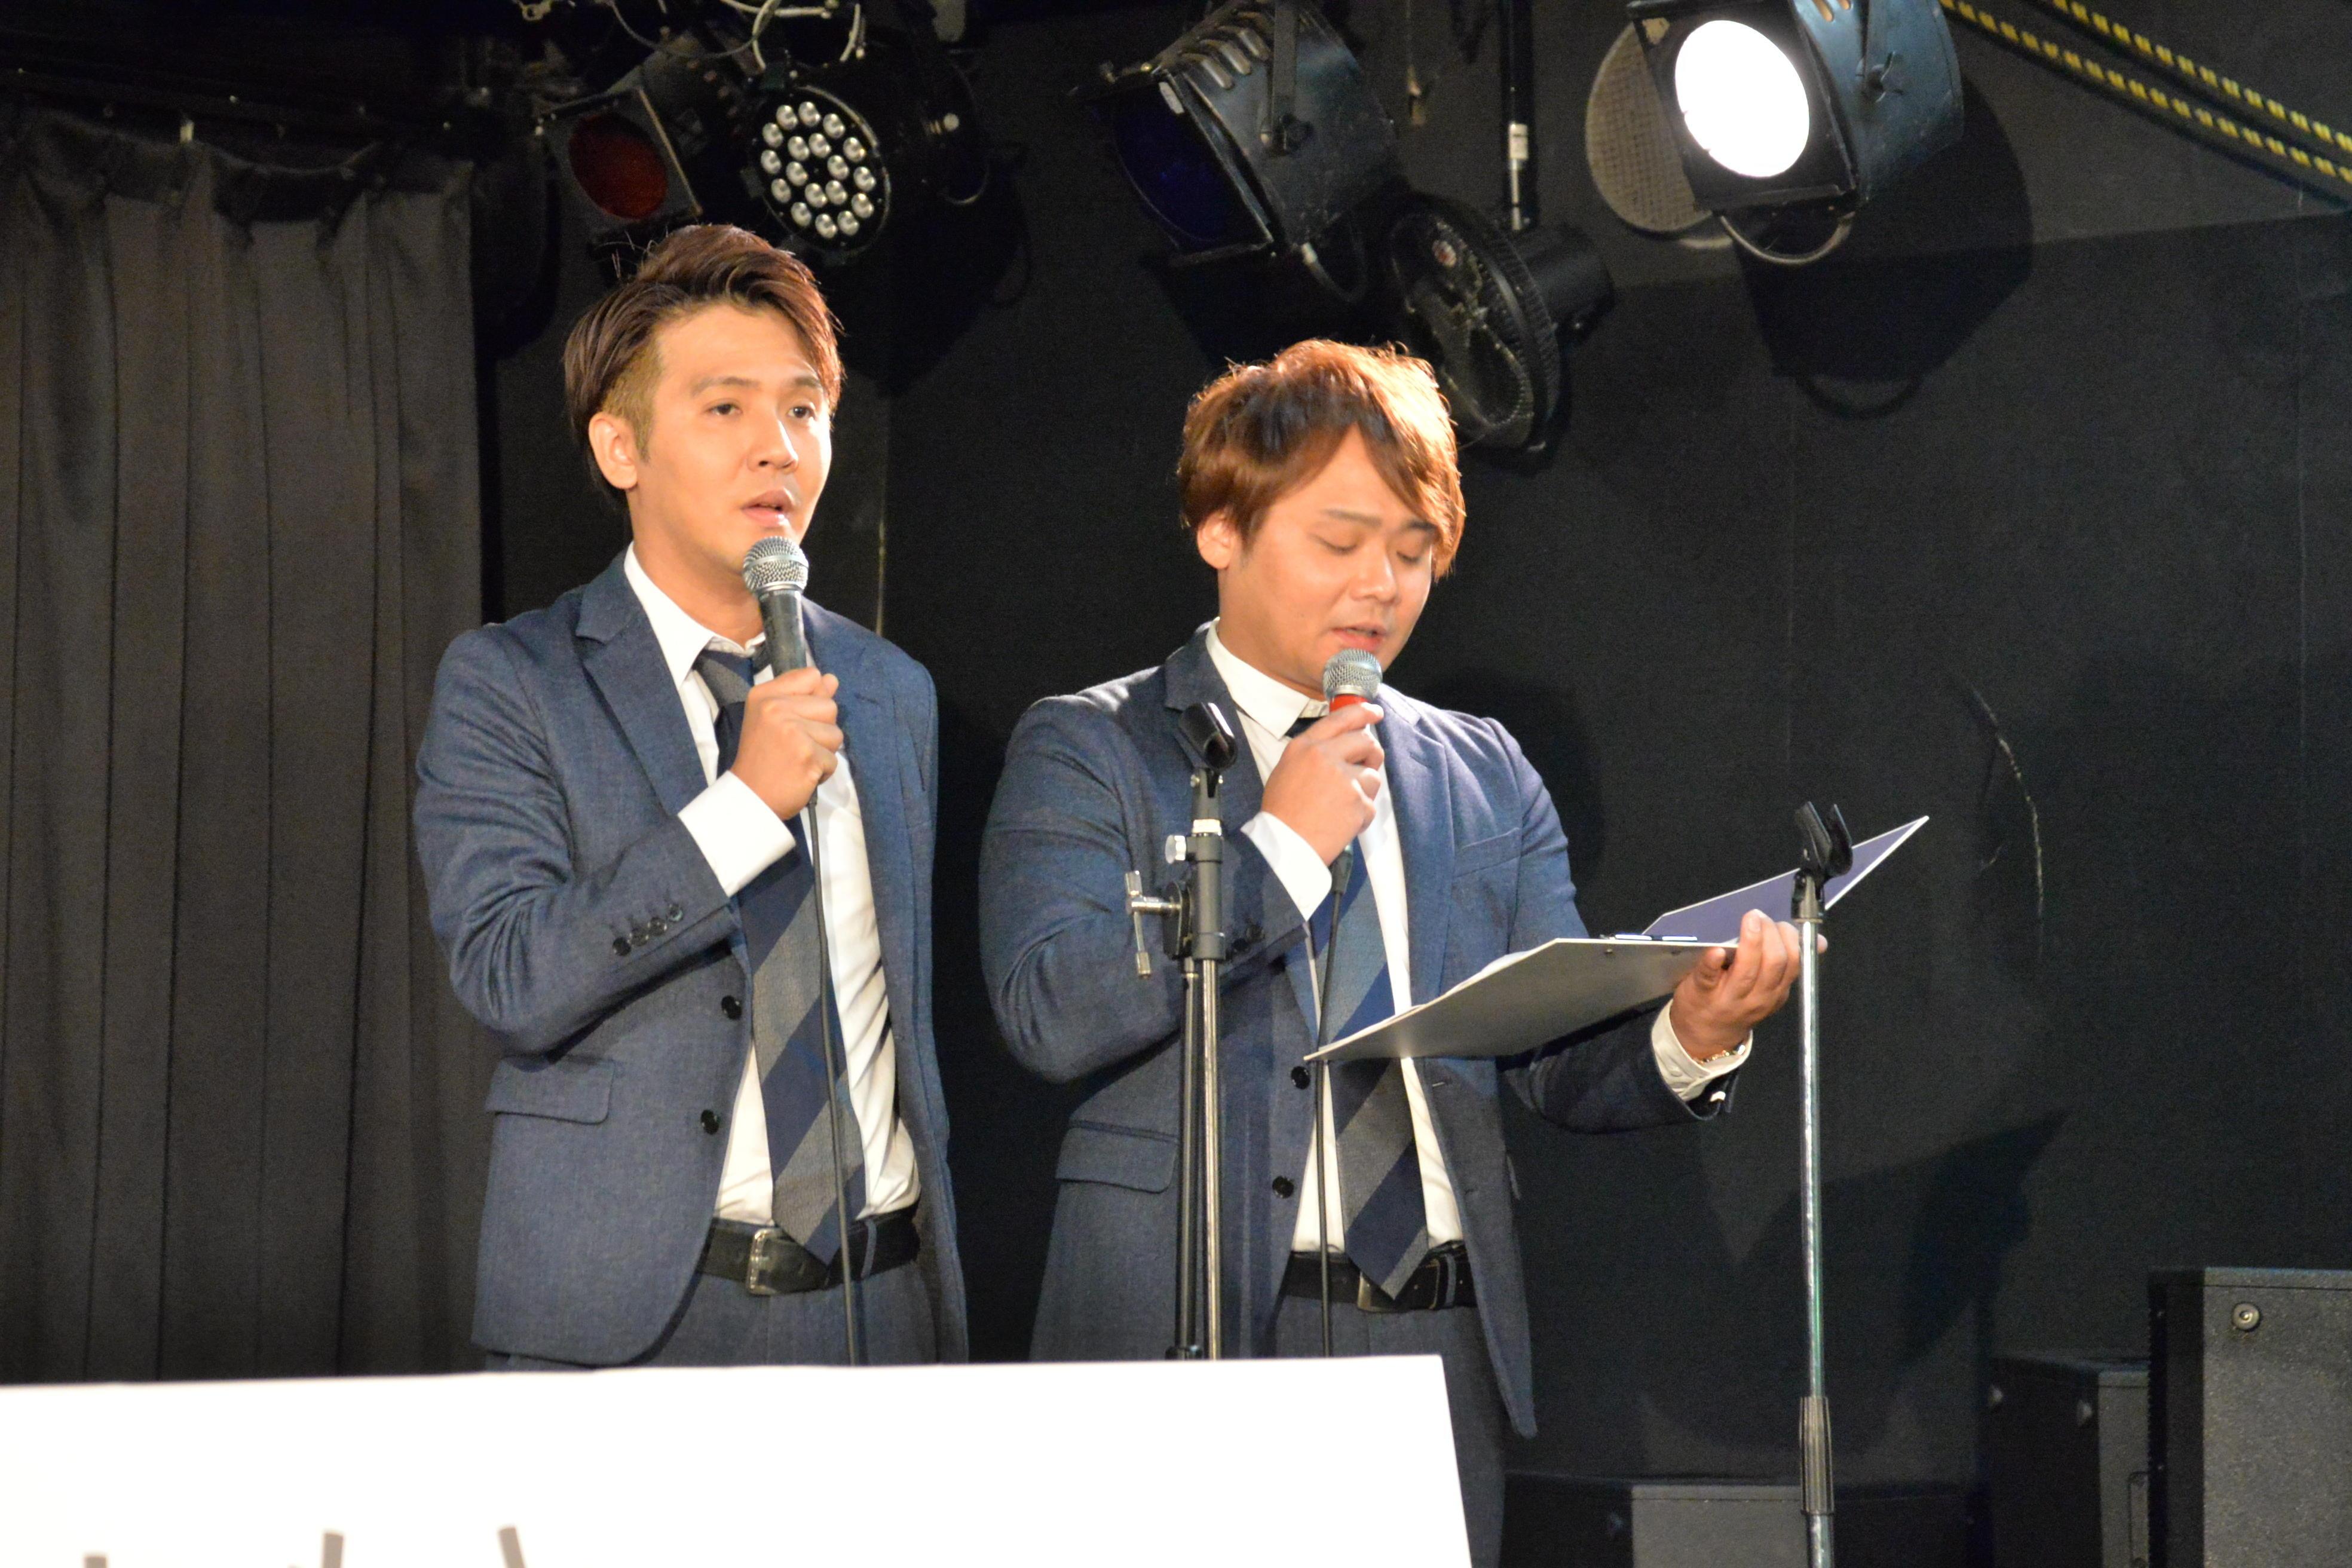 http://news.yoshimoto.co.jp/20180711155517-0ab178c12a6d5fda66c6c4ad382e3095b1730c1c.jpg